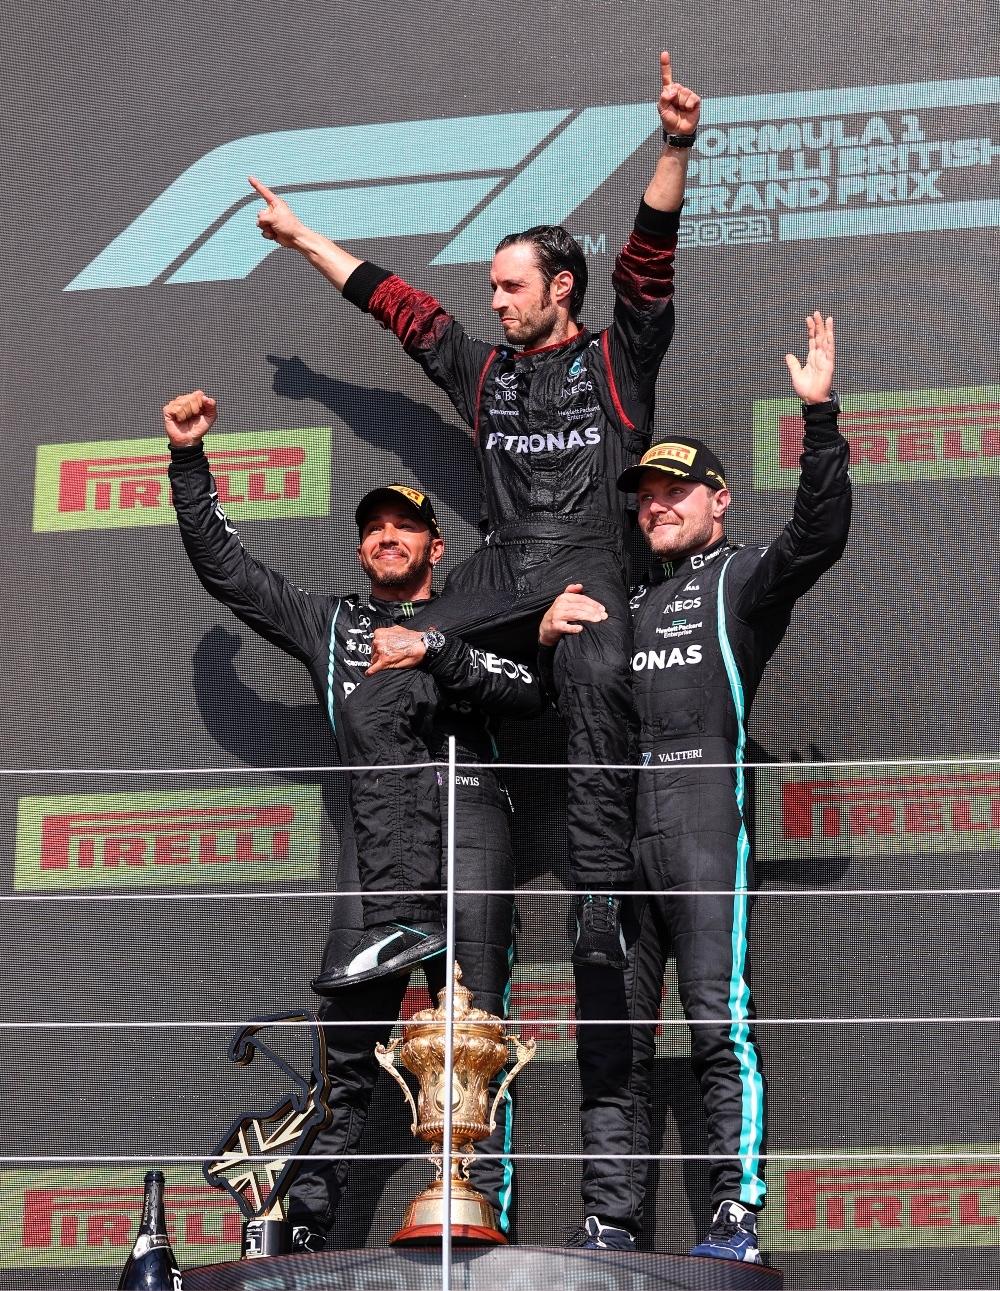 Mercedes celebrando en el podio del Gran Premio de Gran bretaña